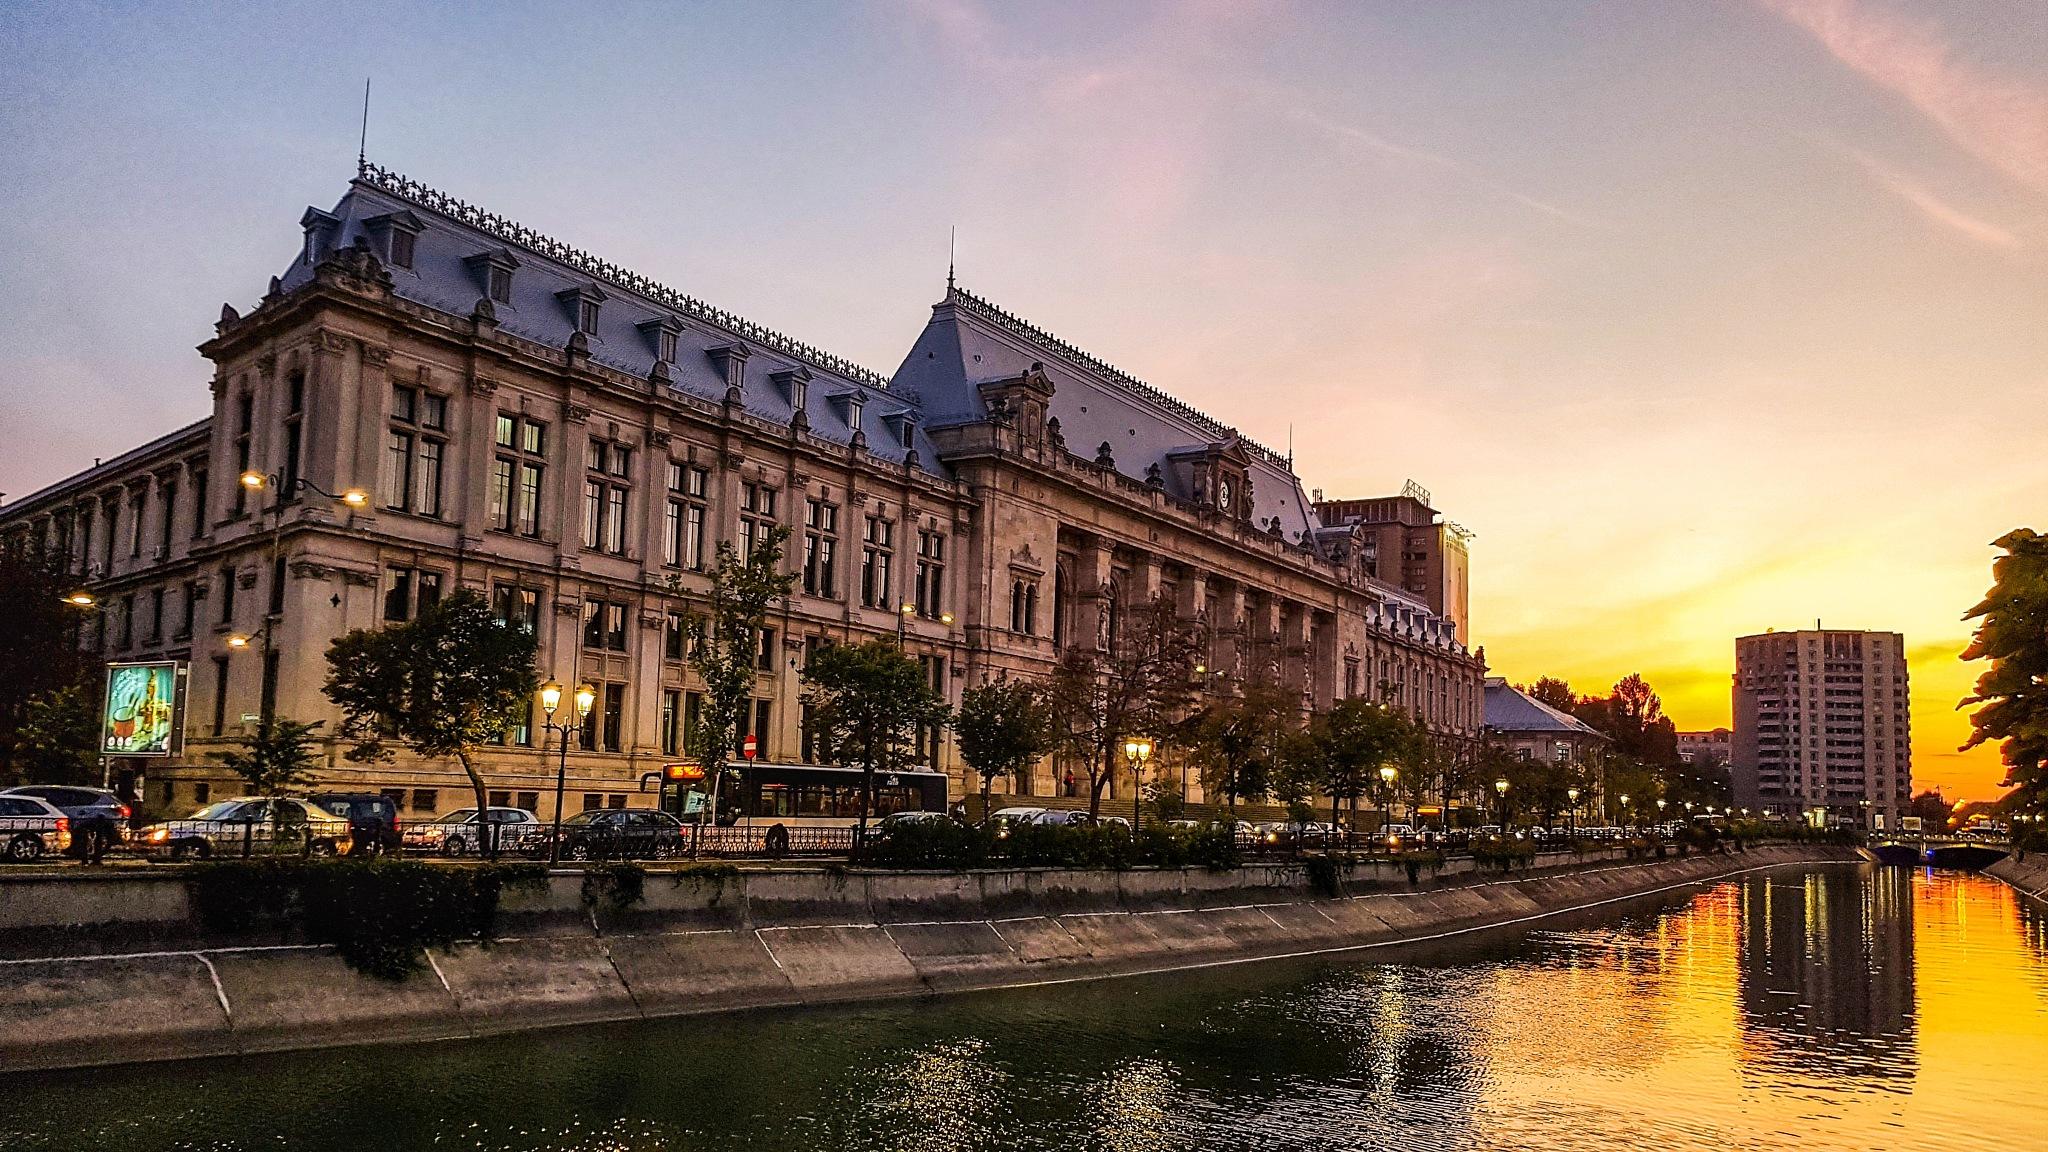 Bucharest old tribunal by Costin0509